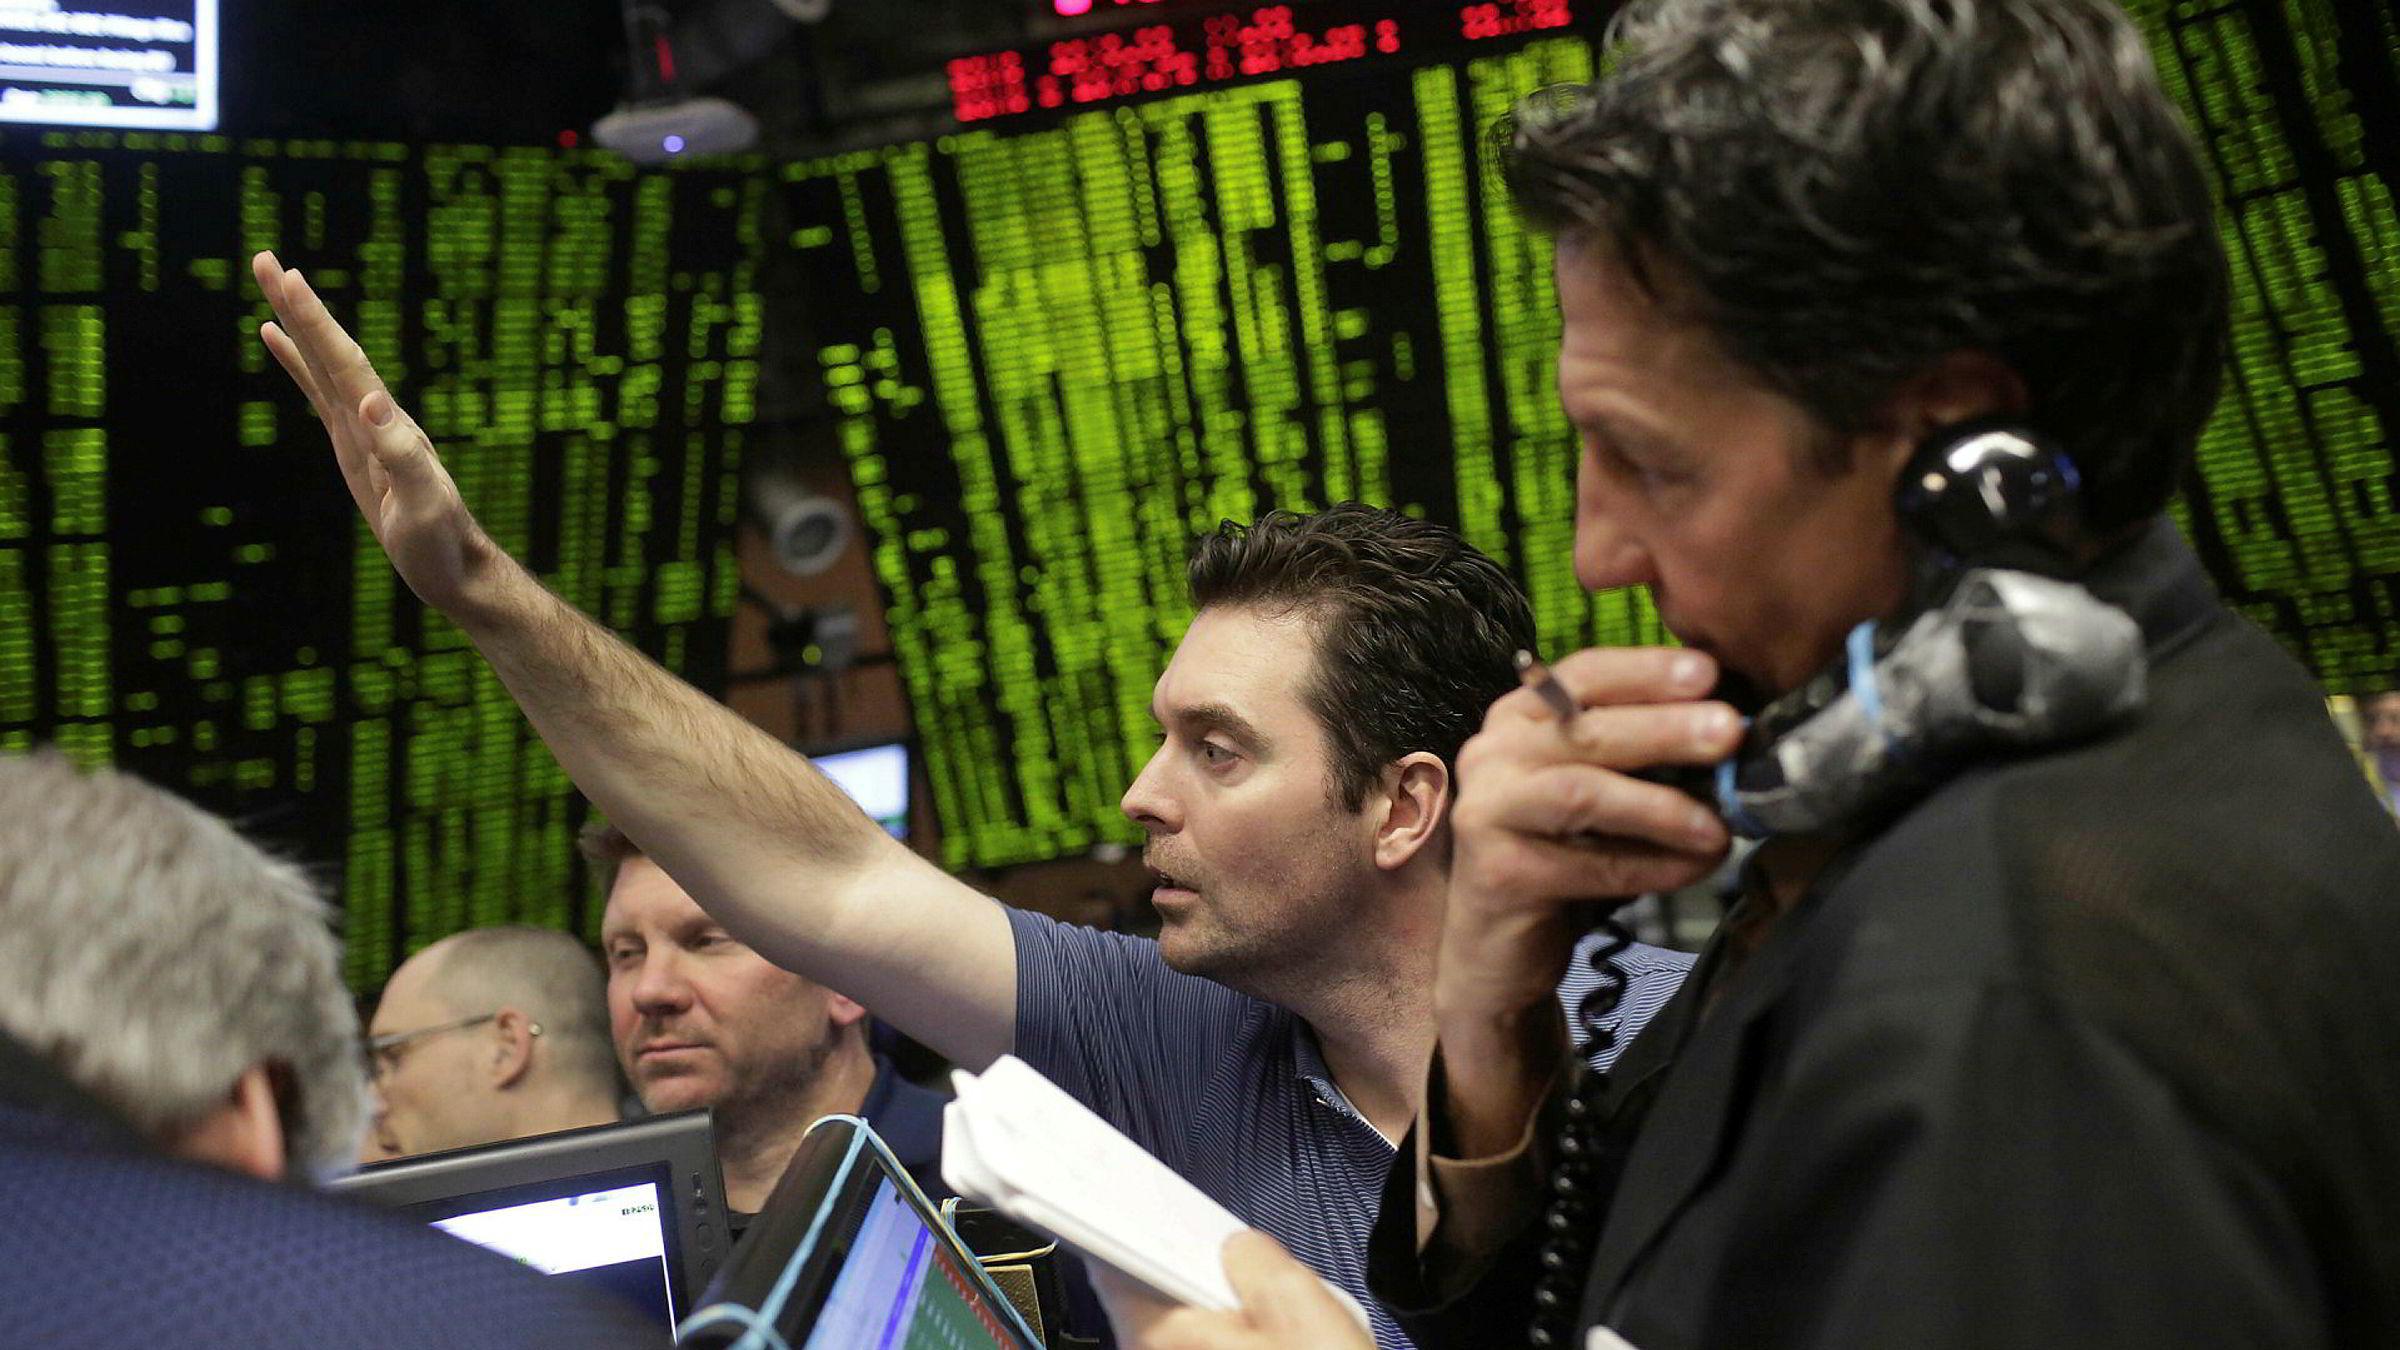 Opsjons- og derivatbørsene CBOE Global Markets og CME vil åpne opp for handel i verdipapirer med bitcoin i løpet av desember. Enkelte ser på bitcoinmarkedet som et av de beste short-mulighetene noensinne.